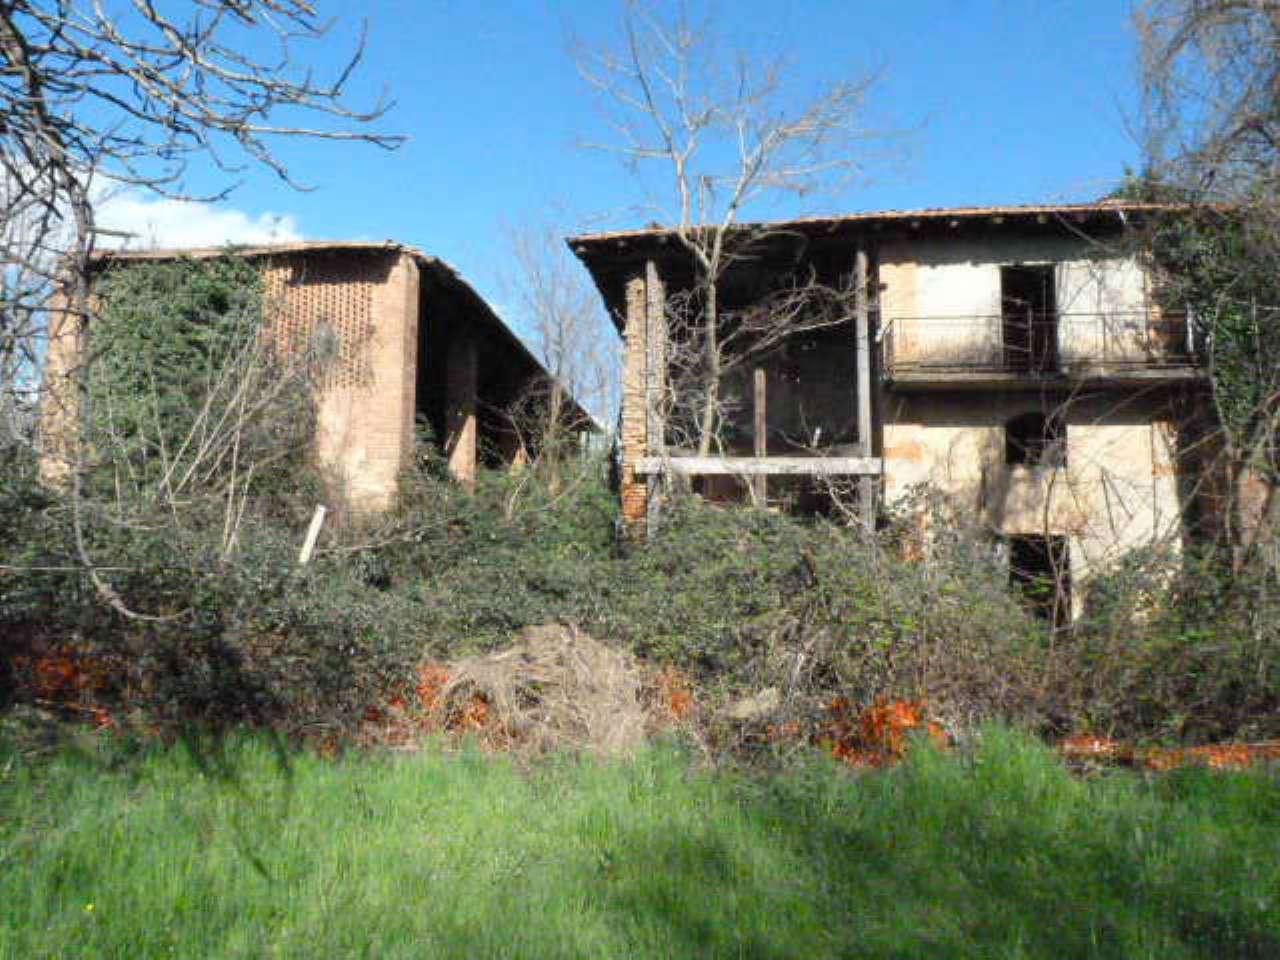 Terreno Agricolo in vendita a Appiano Gentile, 10 locali, prezzo € 2.900.000 | CambioCasa.it